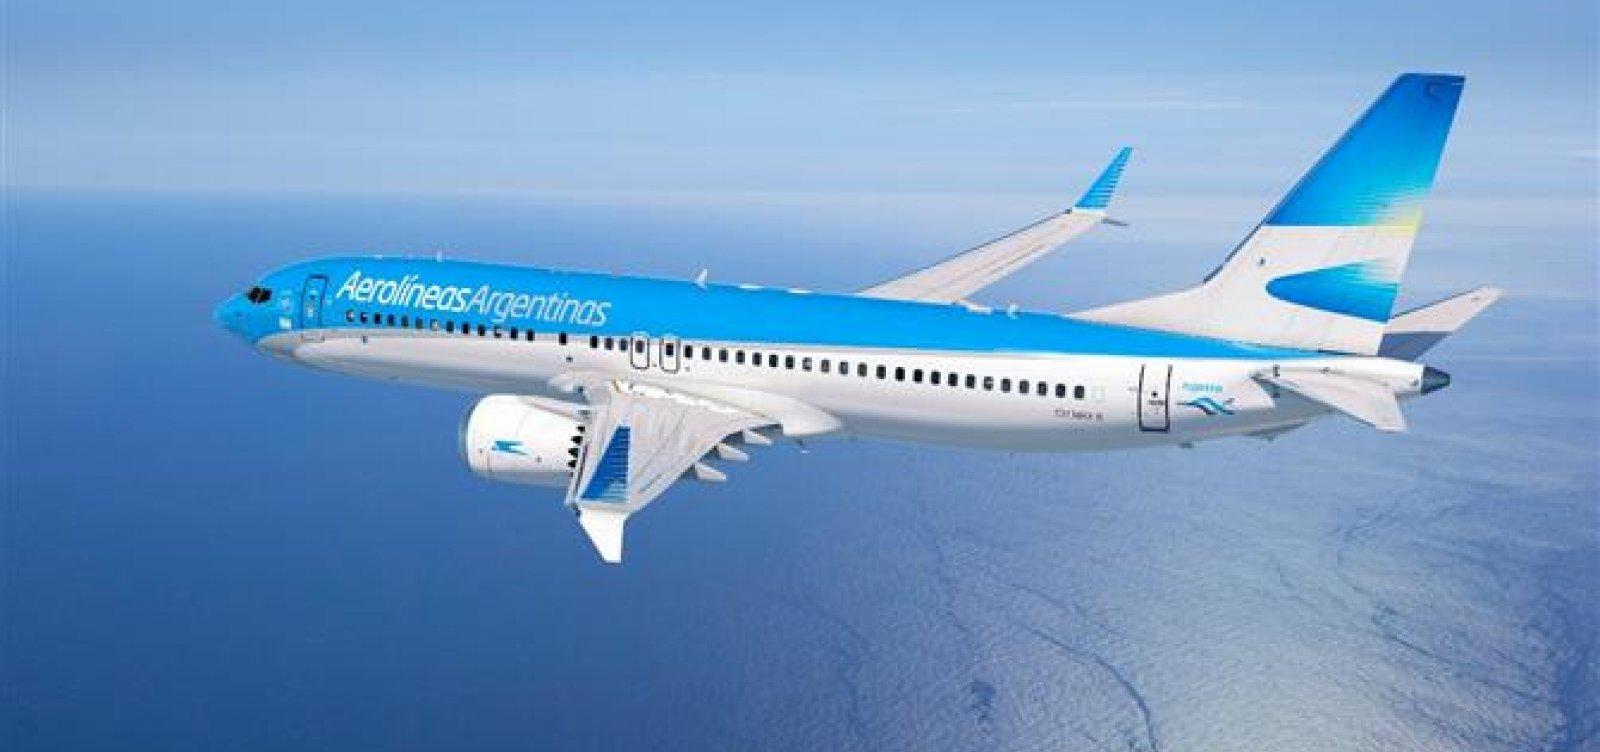 [Decreto das armas pode levar companhias estrangeiras a cancelar voos para o Brasil]